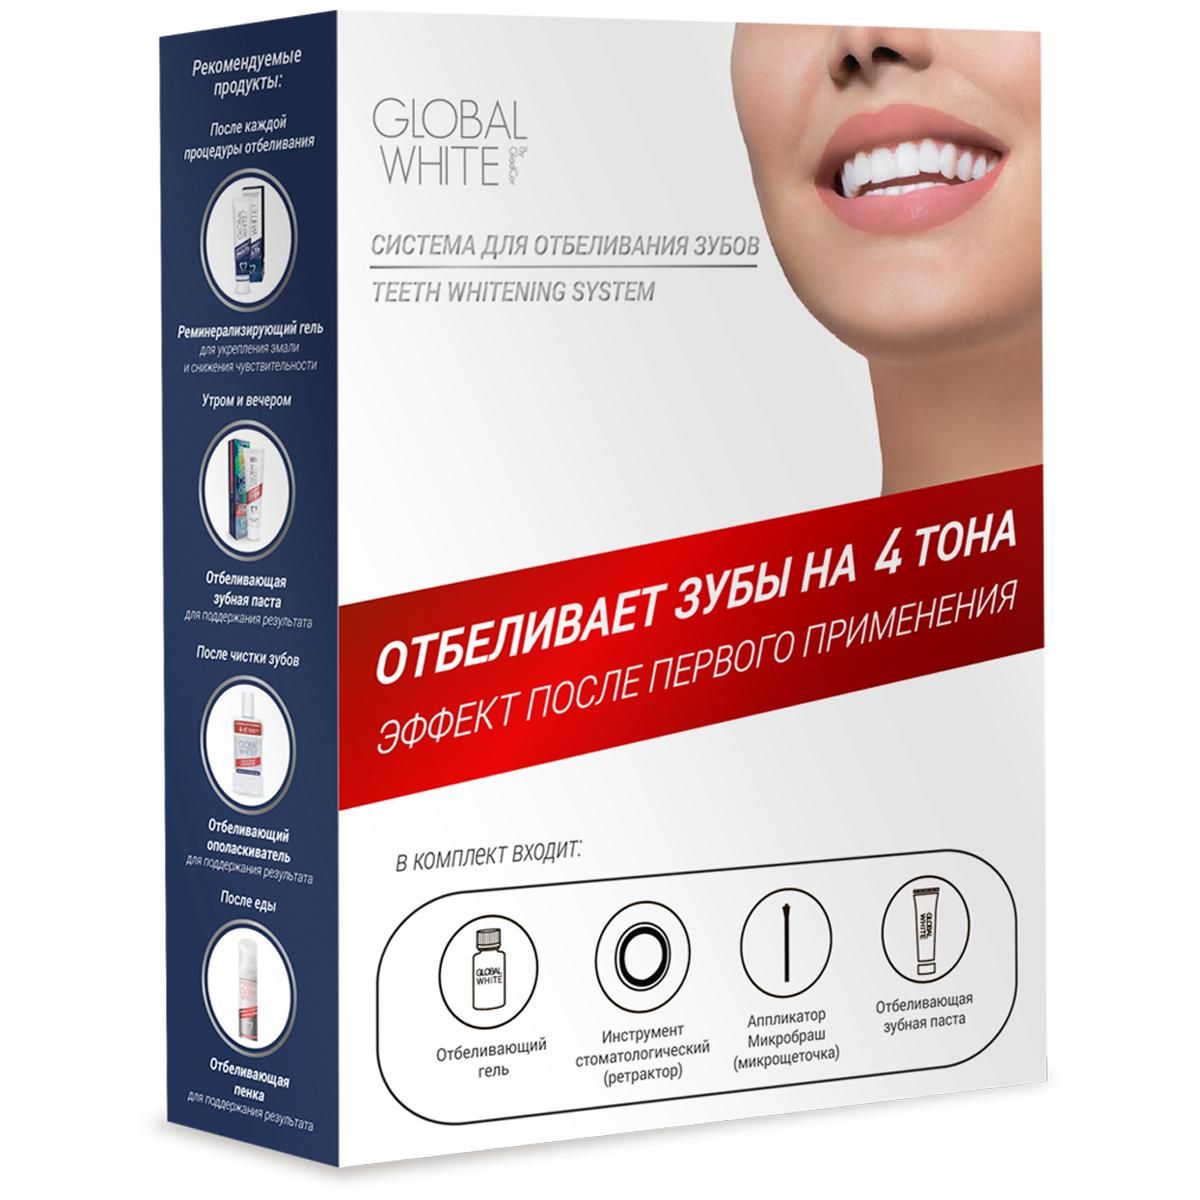 Global White Система для интенсивного отбеливания зубов (отбеливающий гель 15мл + отбеливающая зубная паста 30 мл)108Полноценный комплекс для отбеливания зубов в домашних условиях. Состав: отбеливающий гель во флаконе, ретрактор с микрощеточкой, отбеливающая зубная паста. Пероксид водорода 6%- расщепляет пигментные пятна внутри эмали. Нитрат калия – снижает чувствительность.